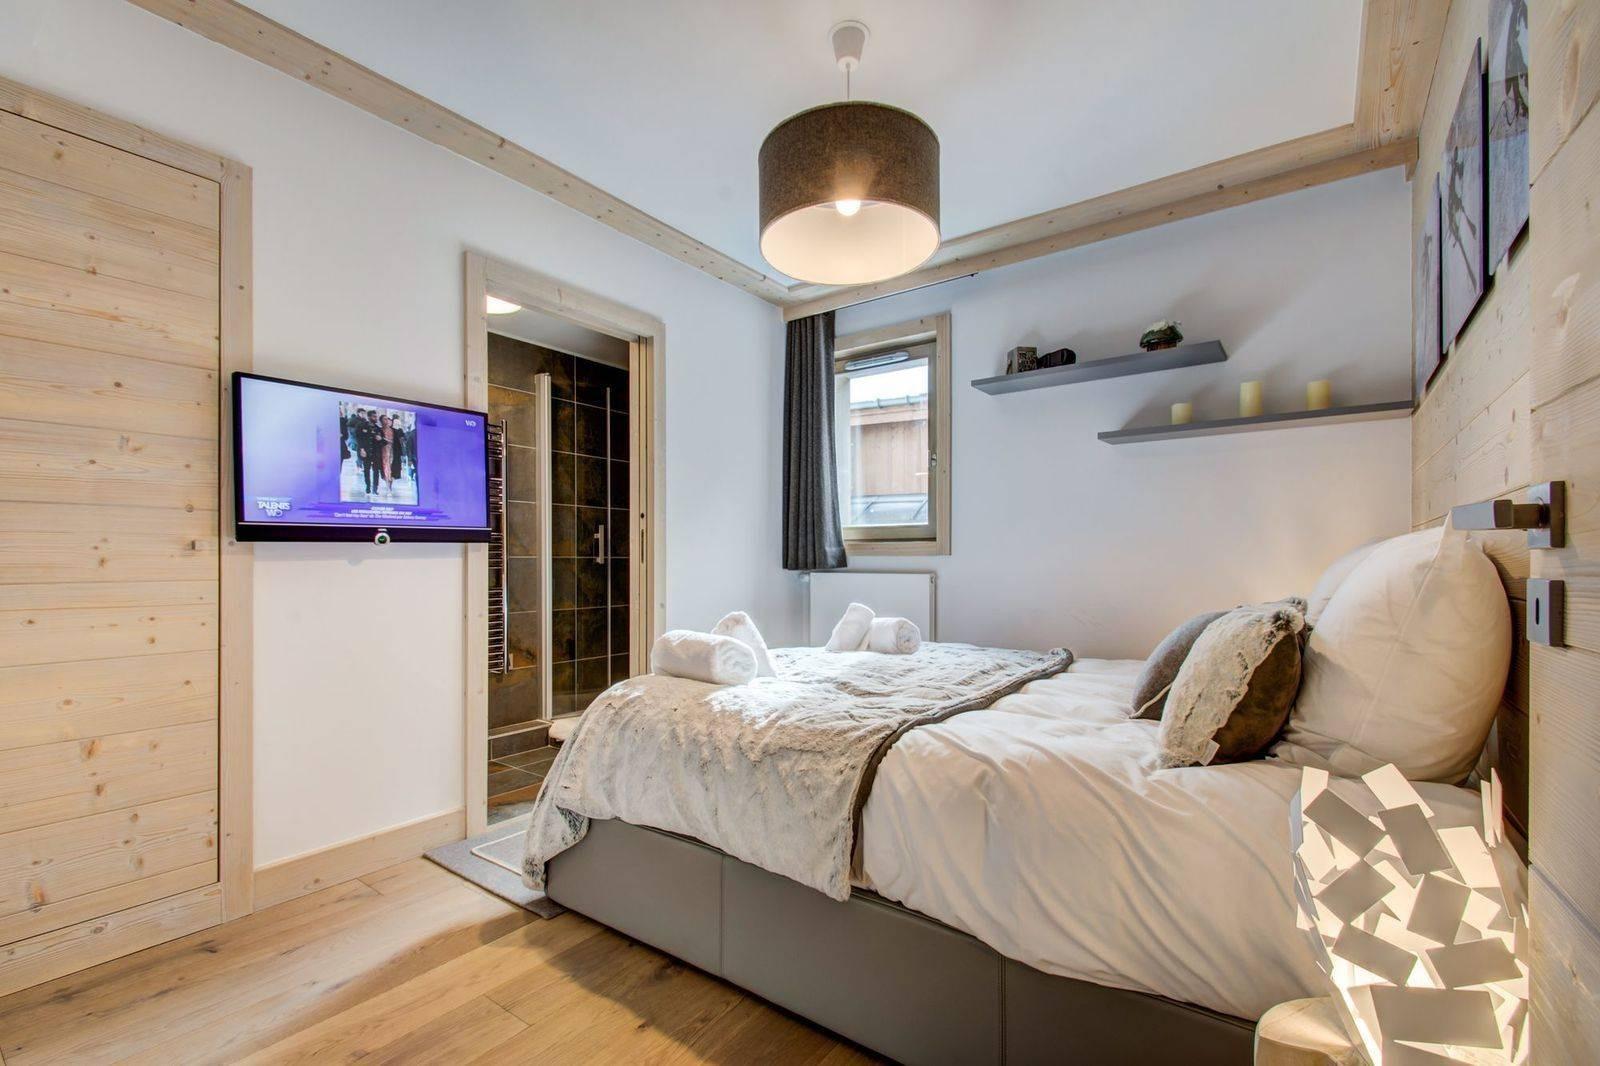 Courchevel 1550 Location Appartement Luxe Telimite Chambre 4